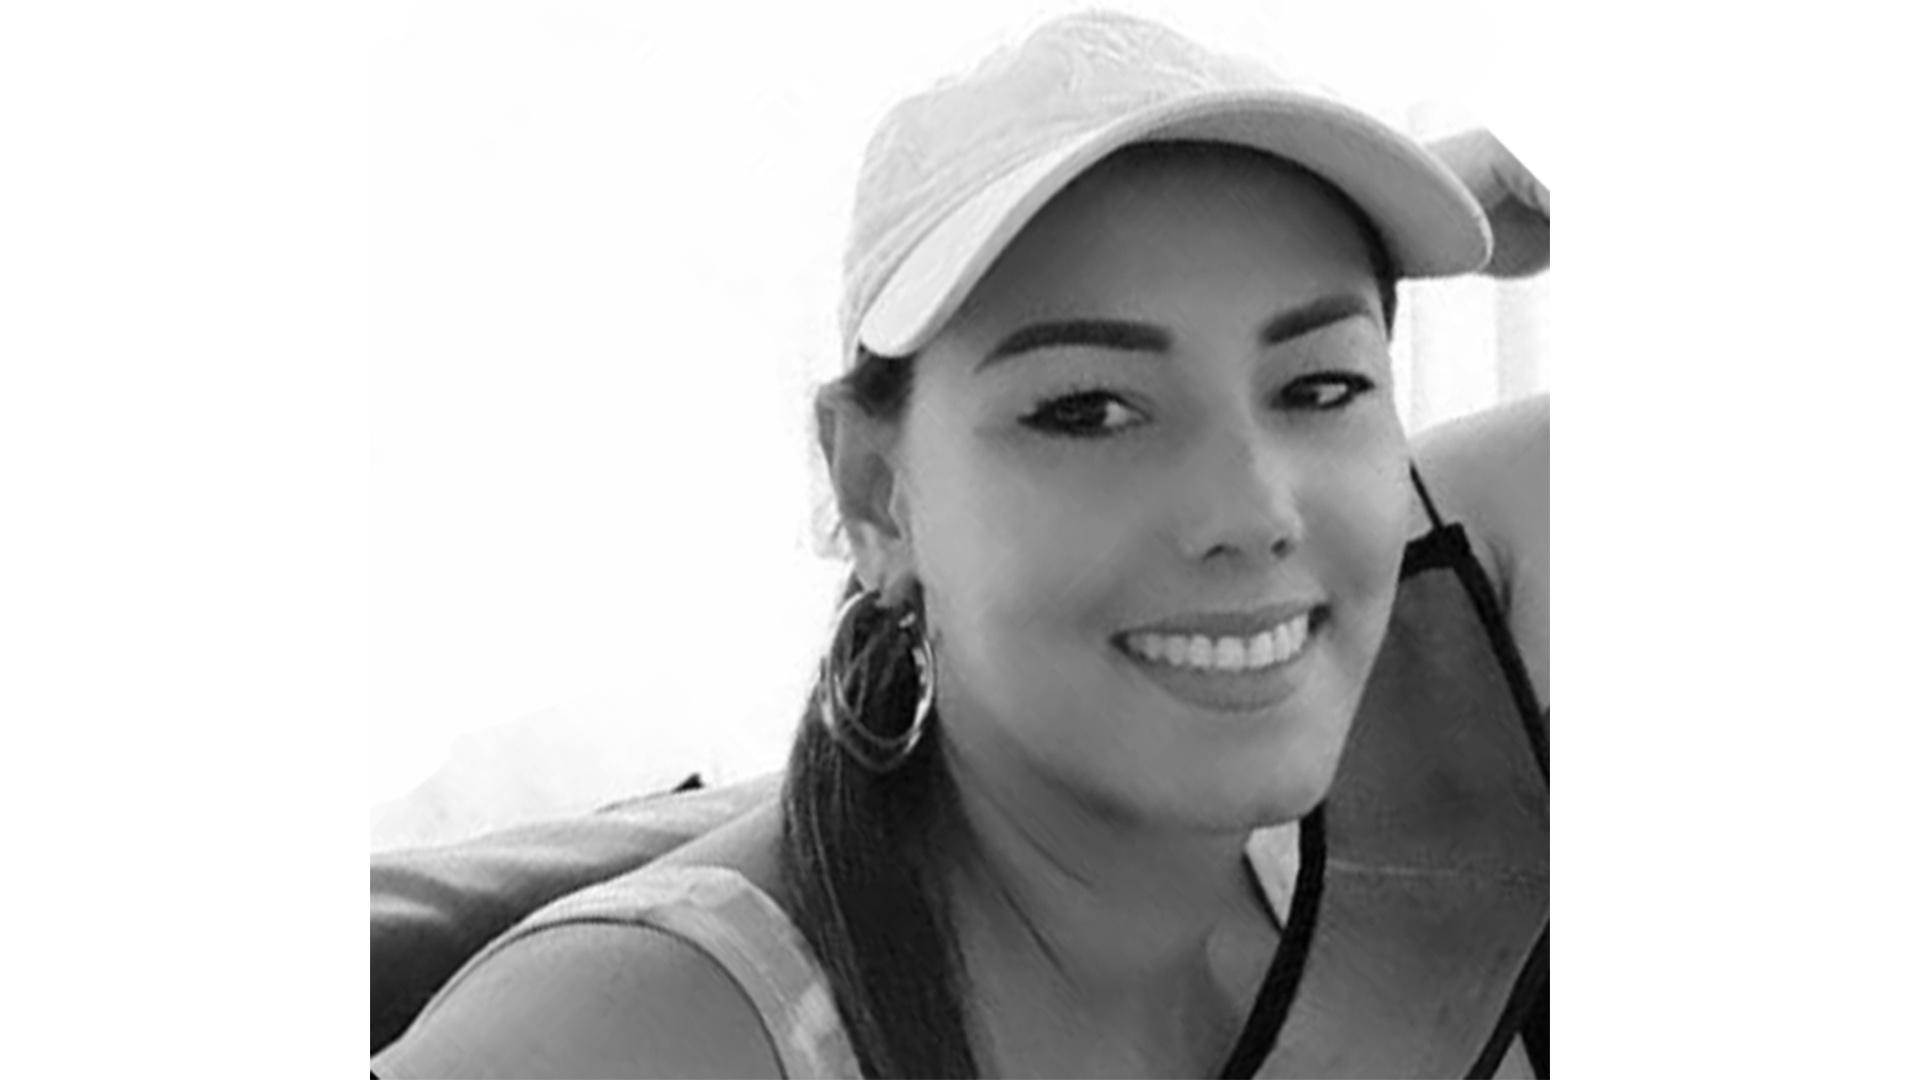 #MonitorDeVíctimas | Karla Ríos fue asesinada por su expareja aunque lo denunció en el Cicpc